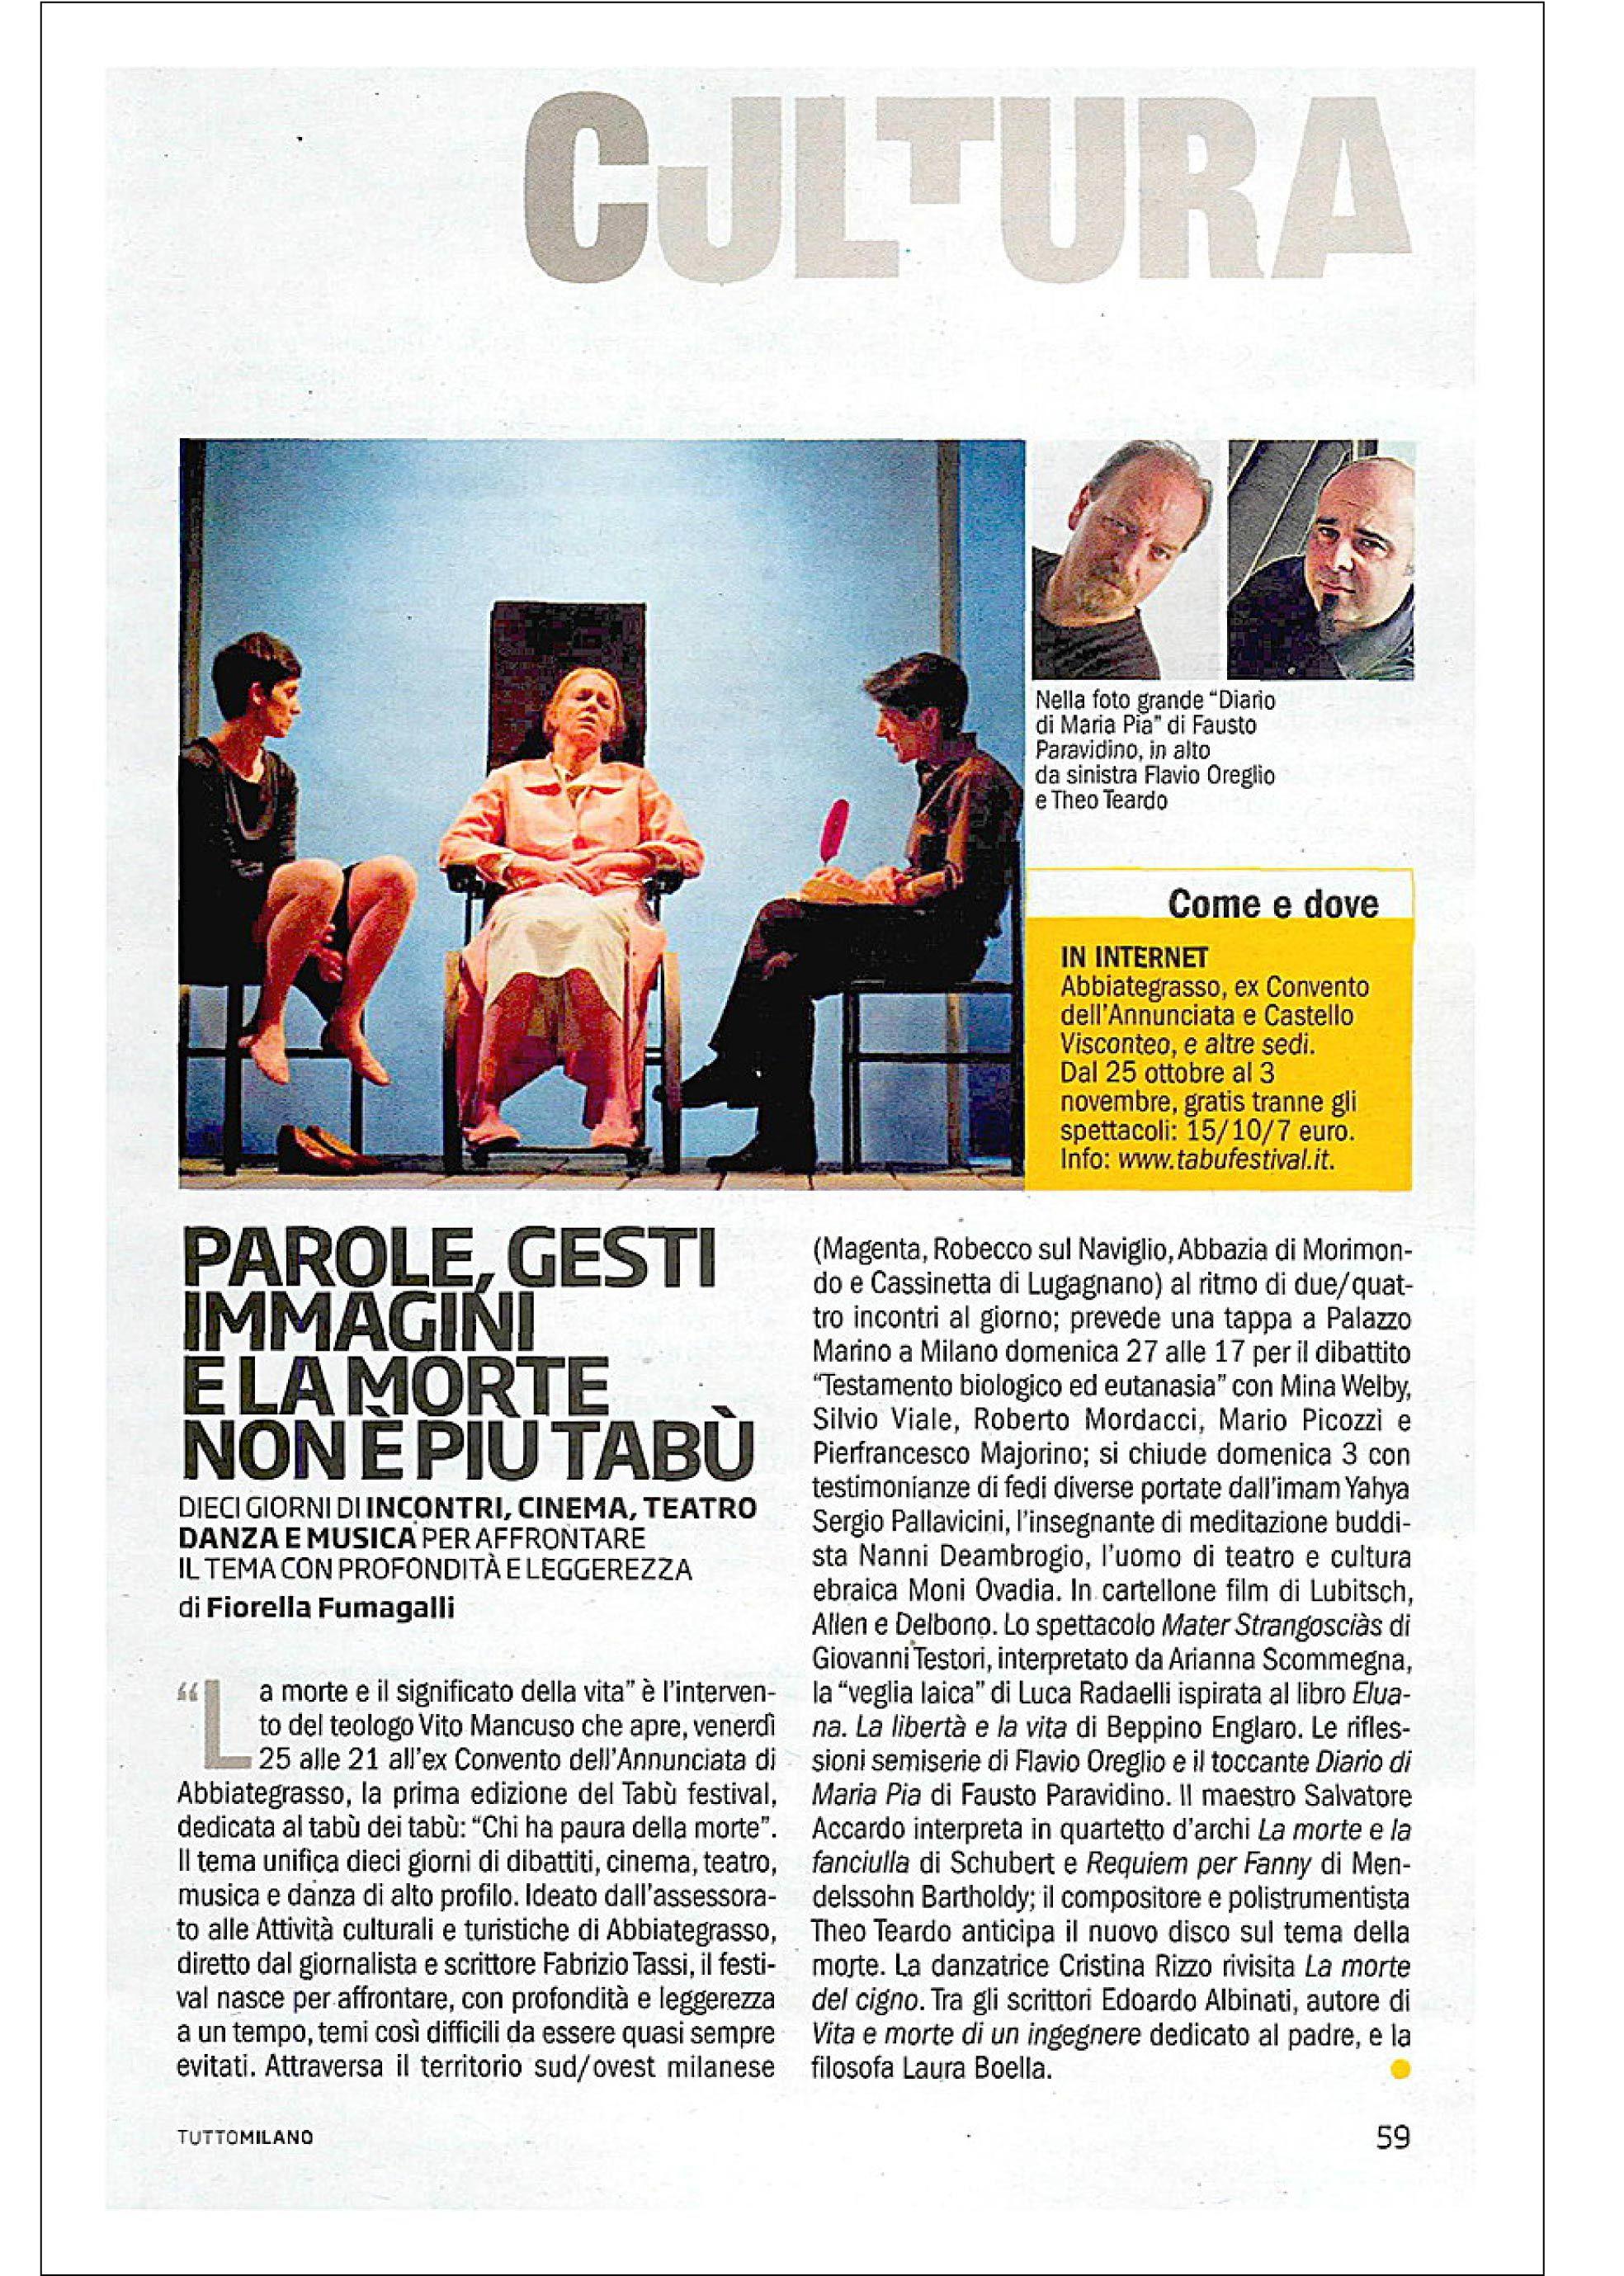 Tutto Milano -- Repubblica Tabù Festival press release